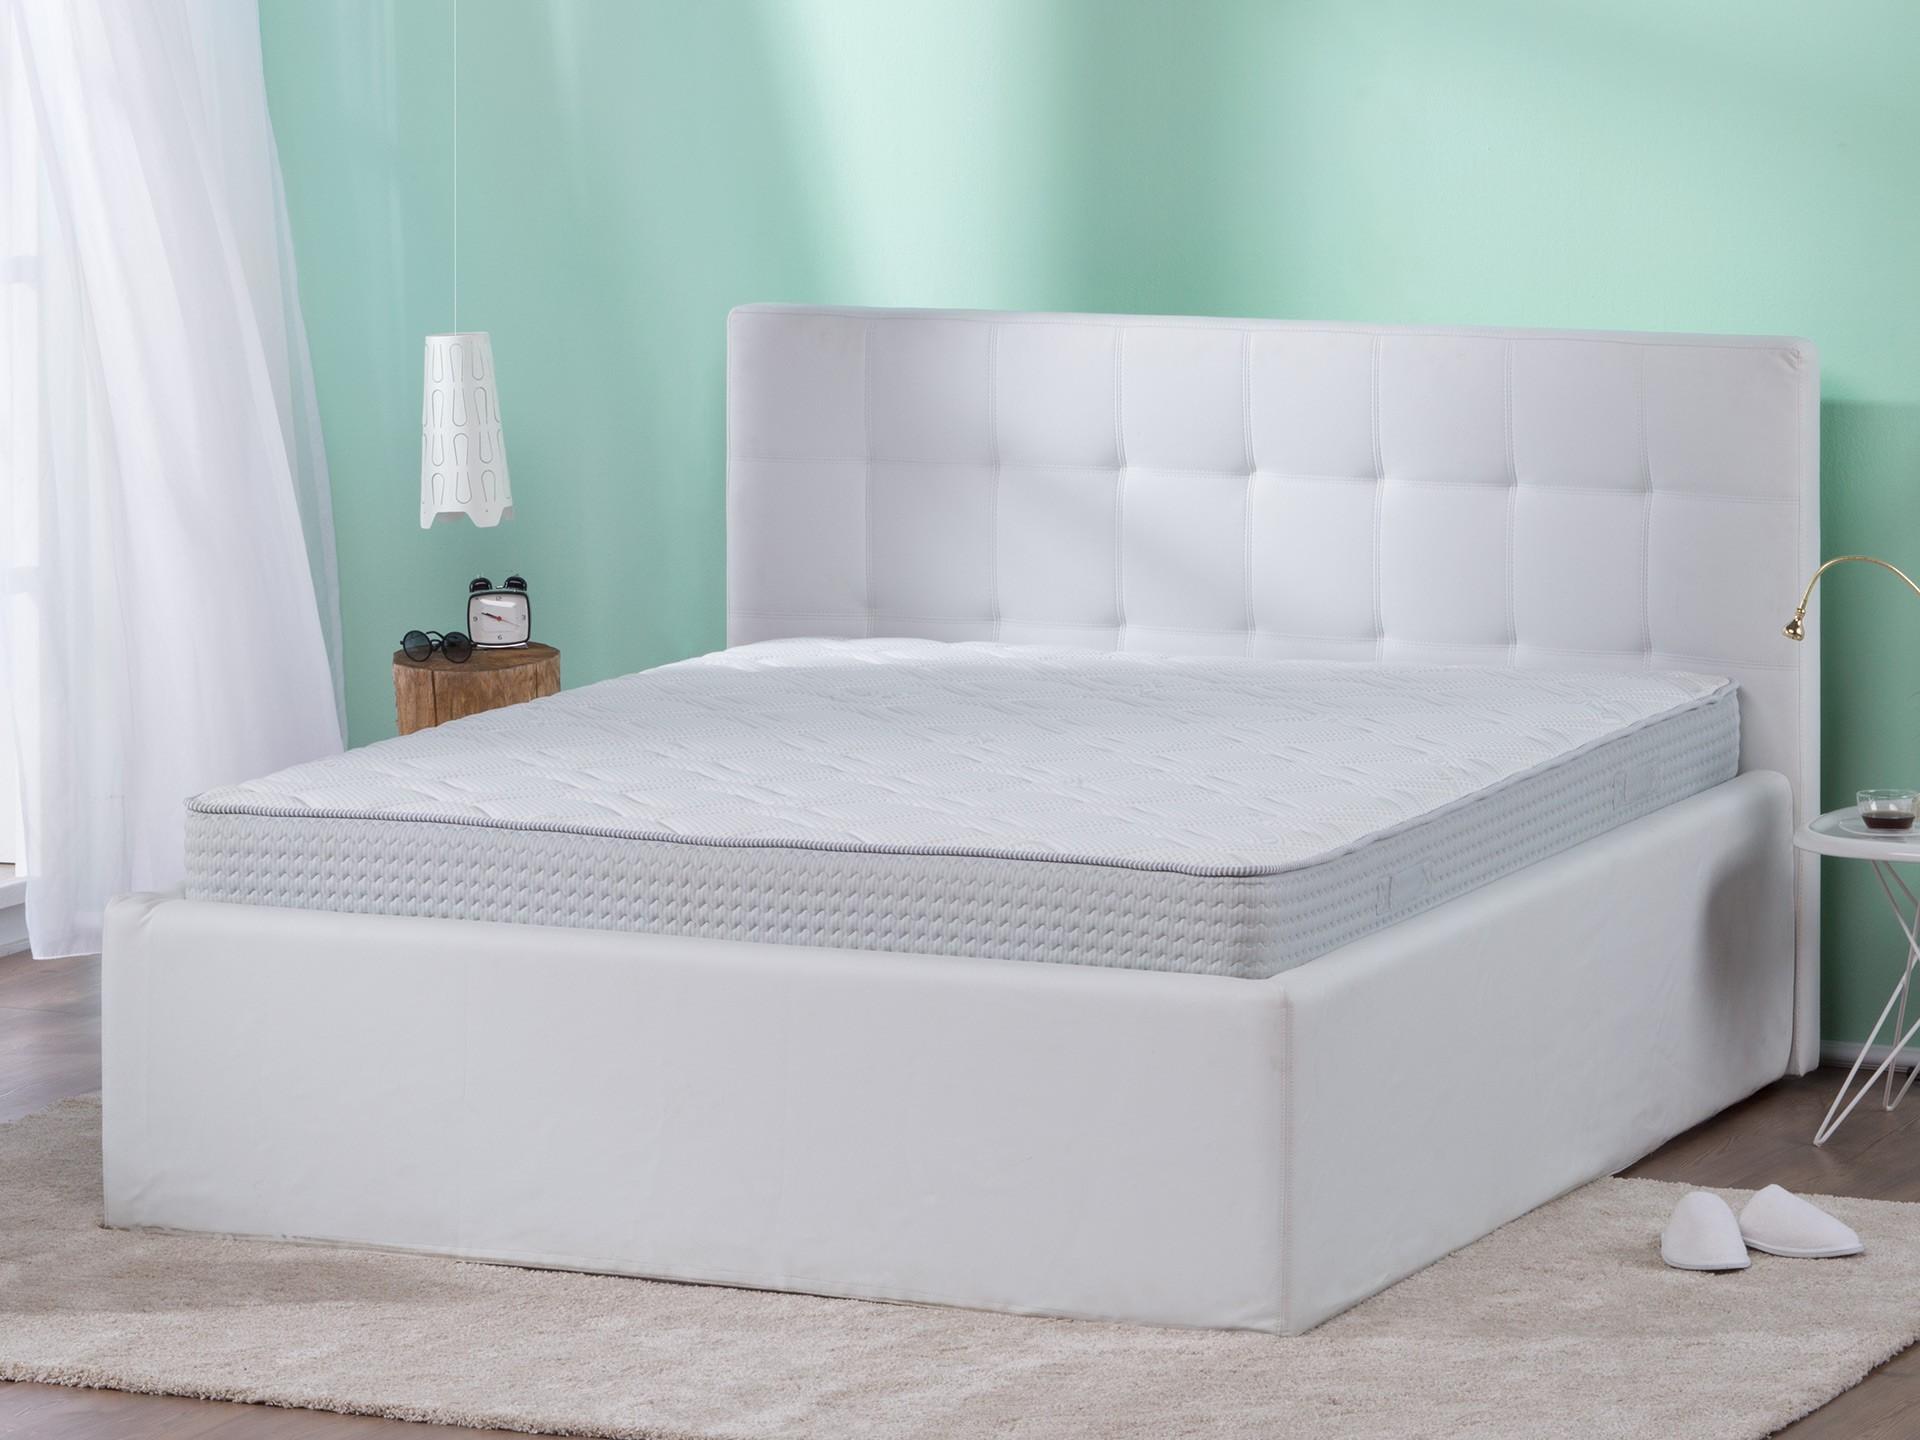 Matrace Dormeo Fresh Prima - obrázek umístění v posteli